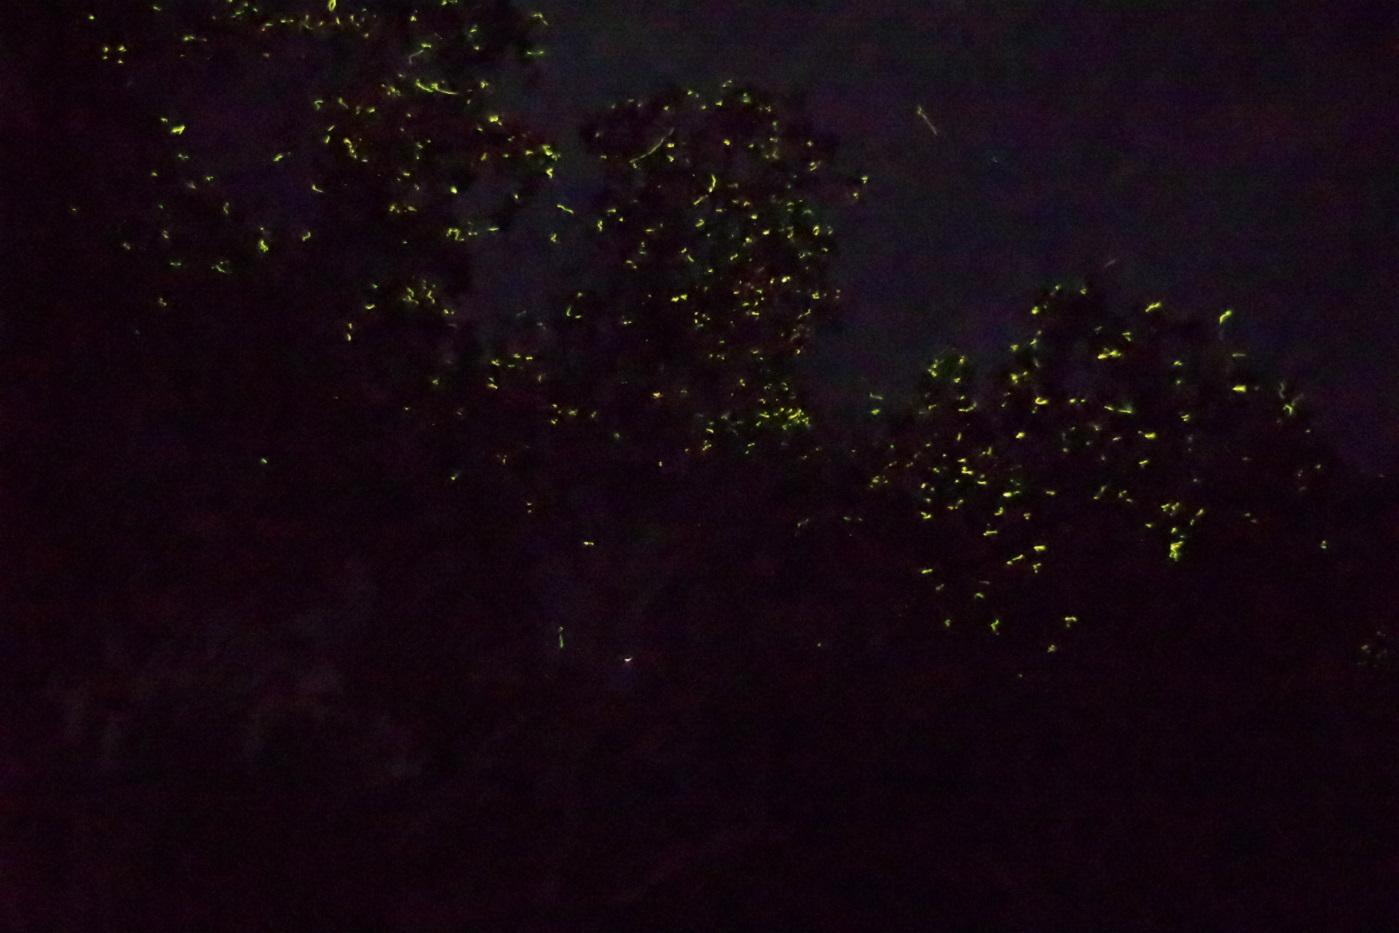 ボホール島のアバタン川で見れるホタル